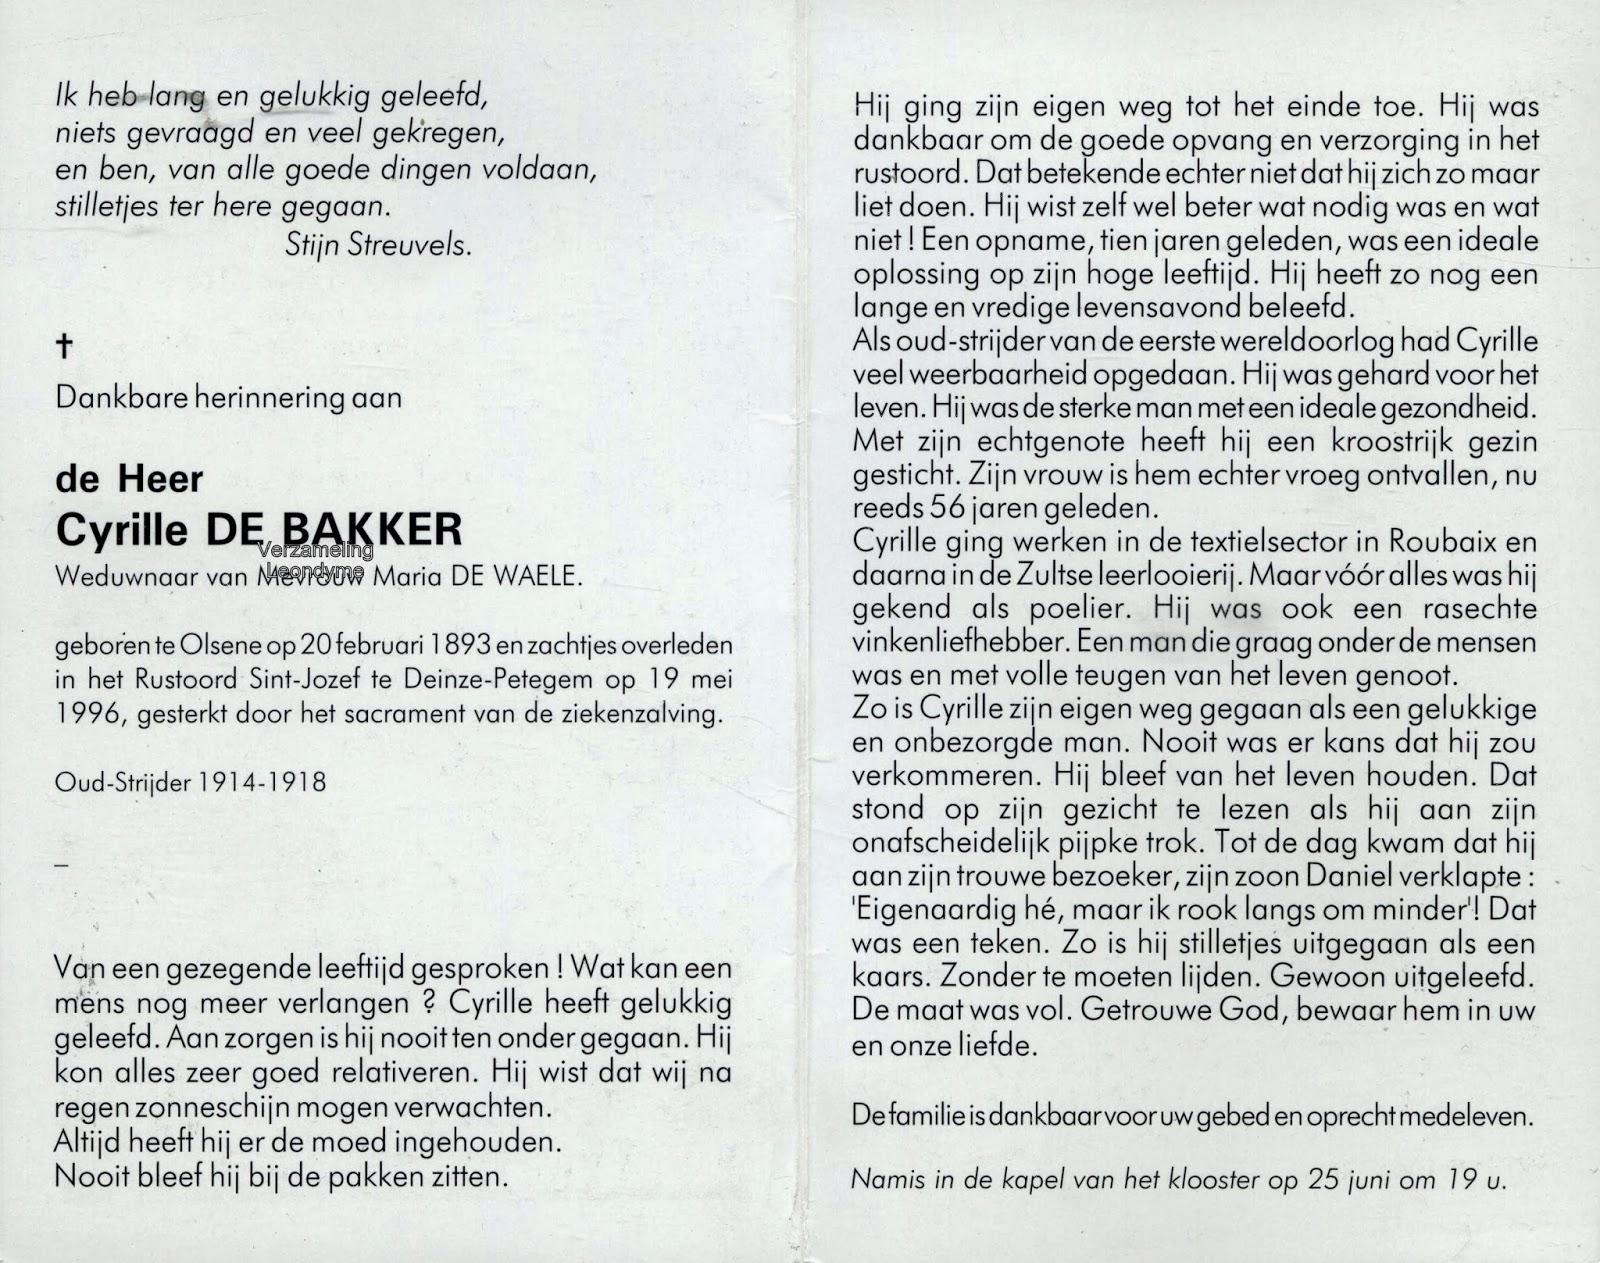 Bidprentje, Cyrille De Bakker 1893-1996. Verzameling Leondyme.